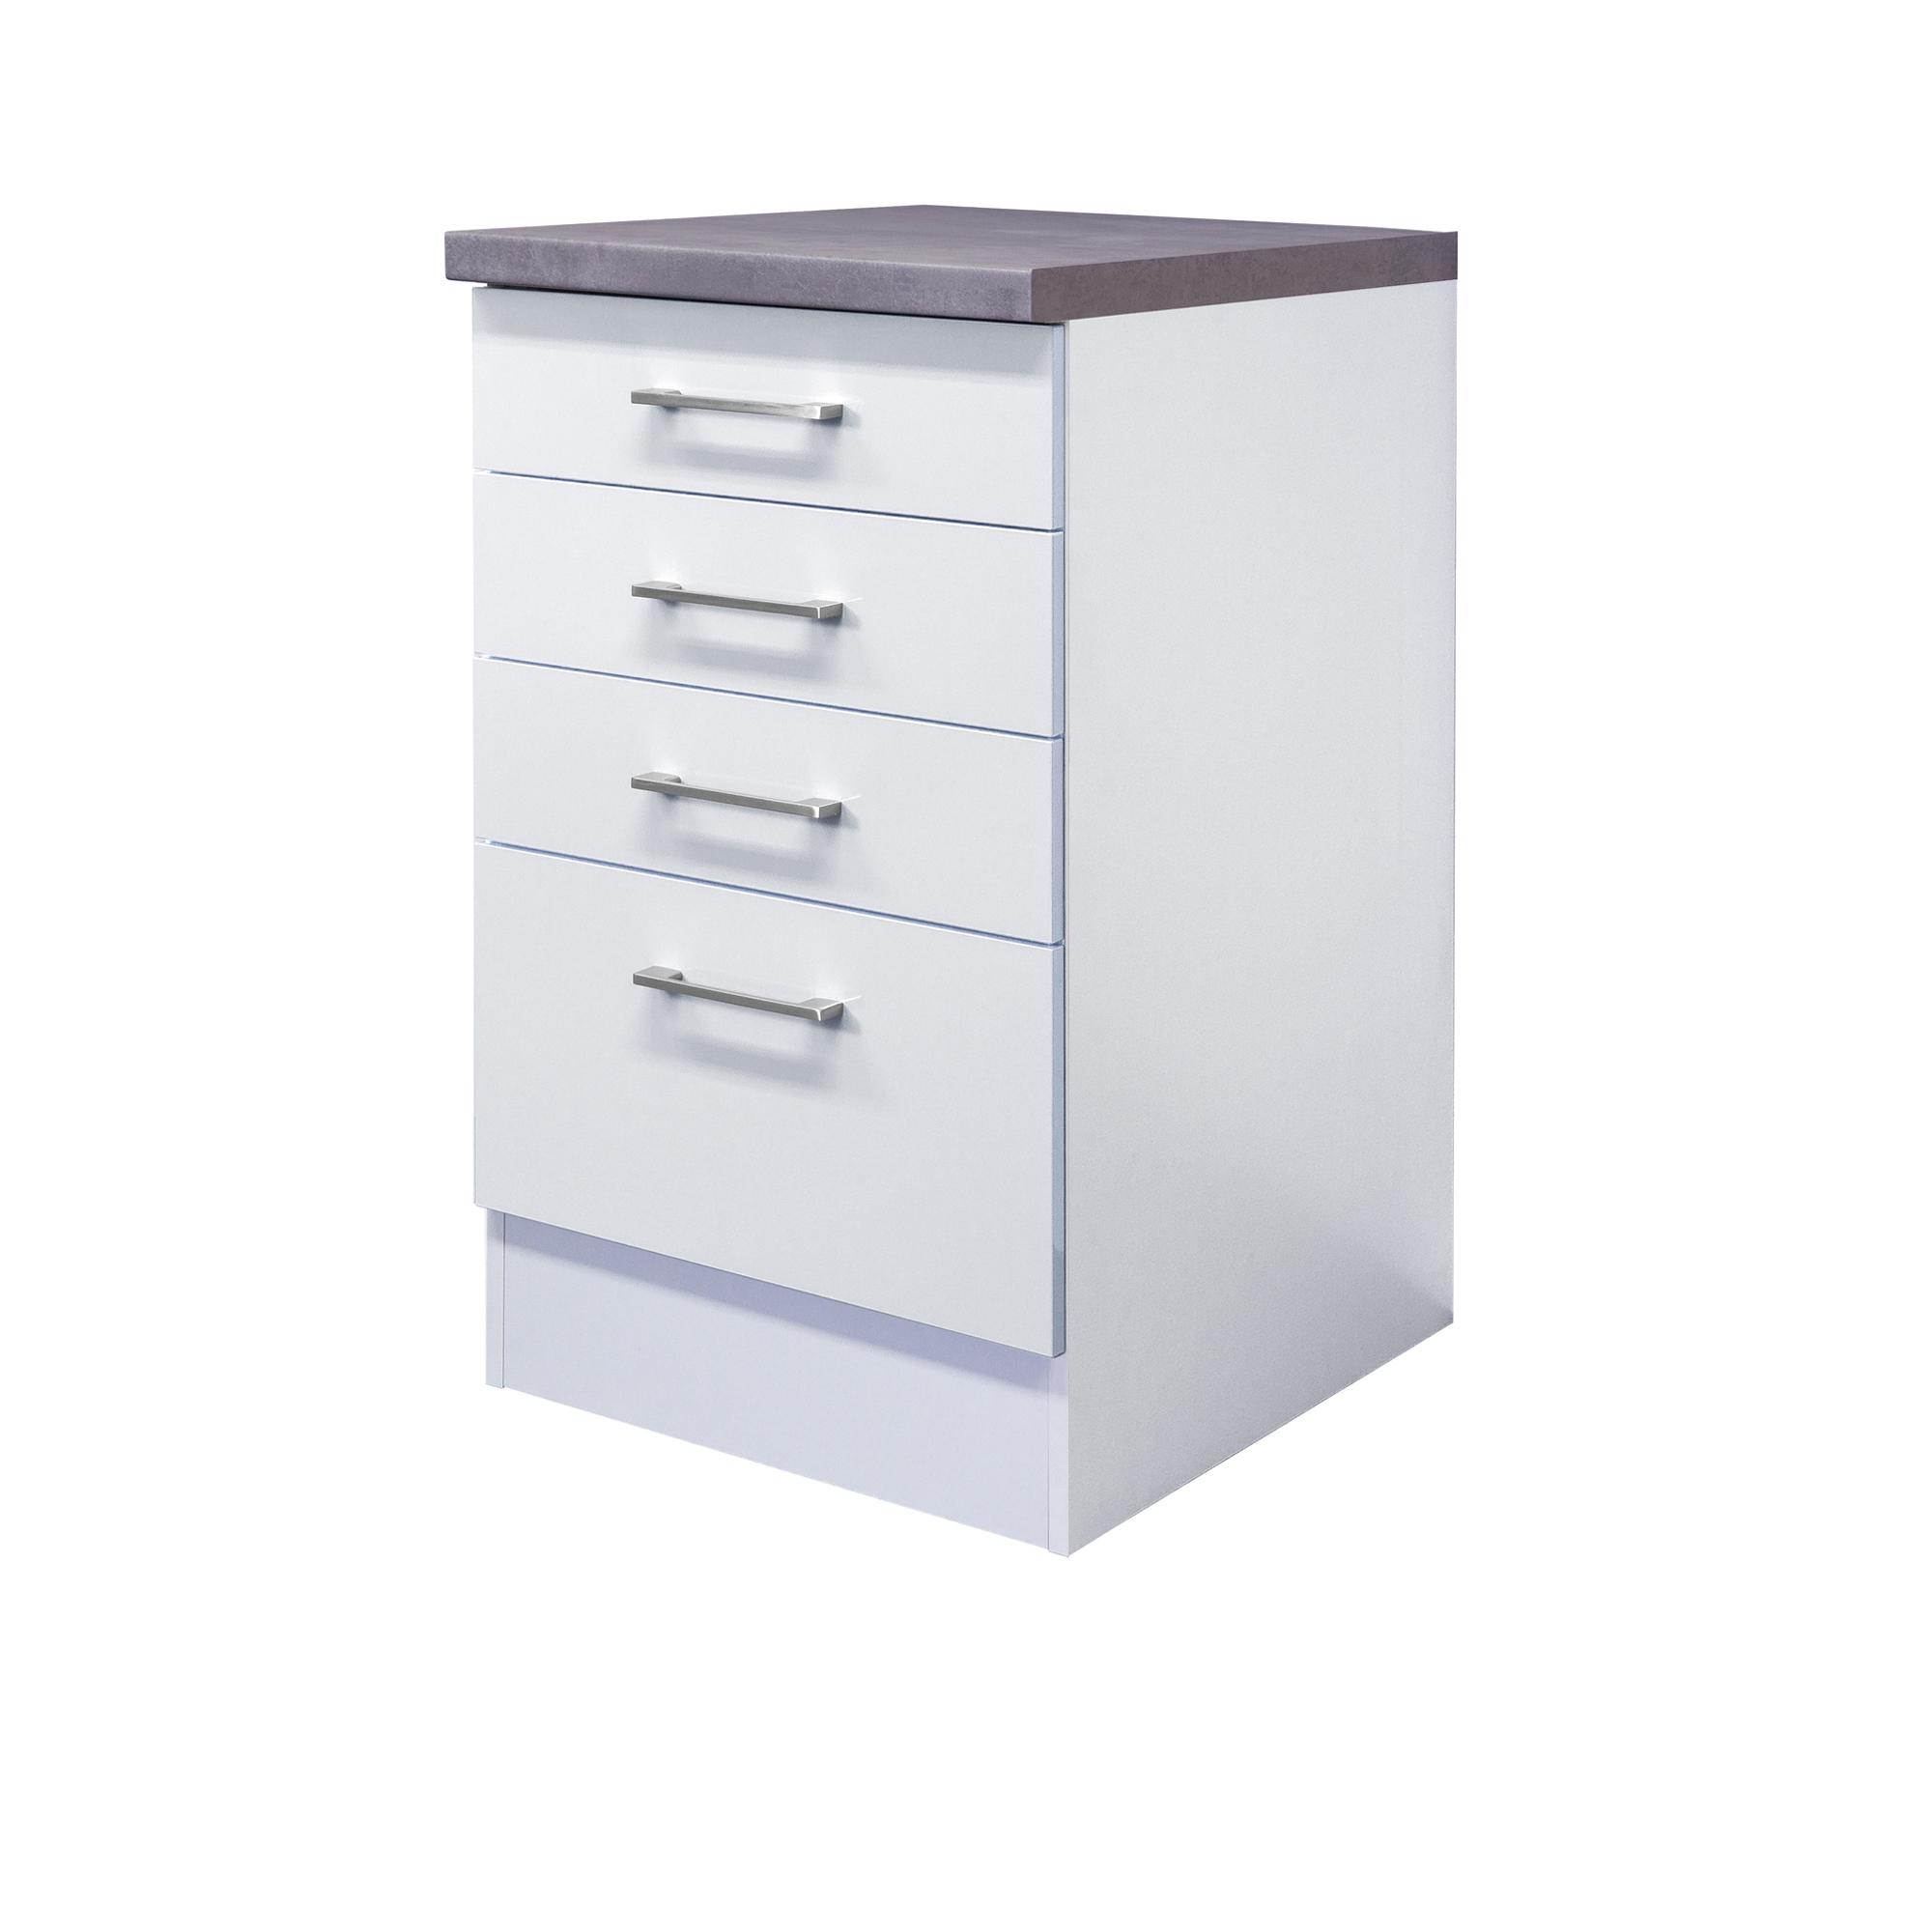 Details zu Küchen-Unterschrank CORVARA - 17 Auszug, 17 Schubladen - 17 cm  breit - Weiß